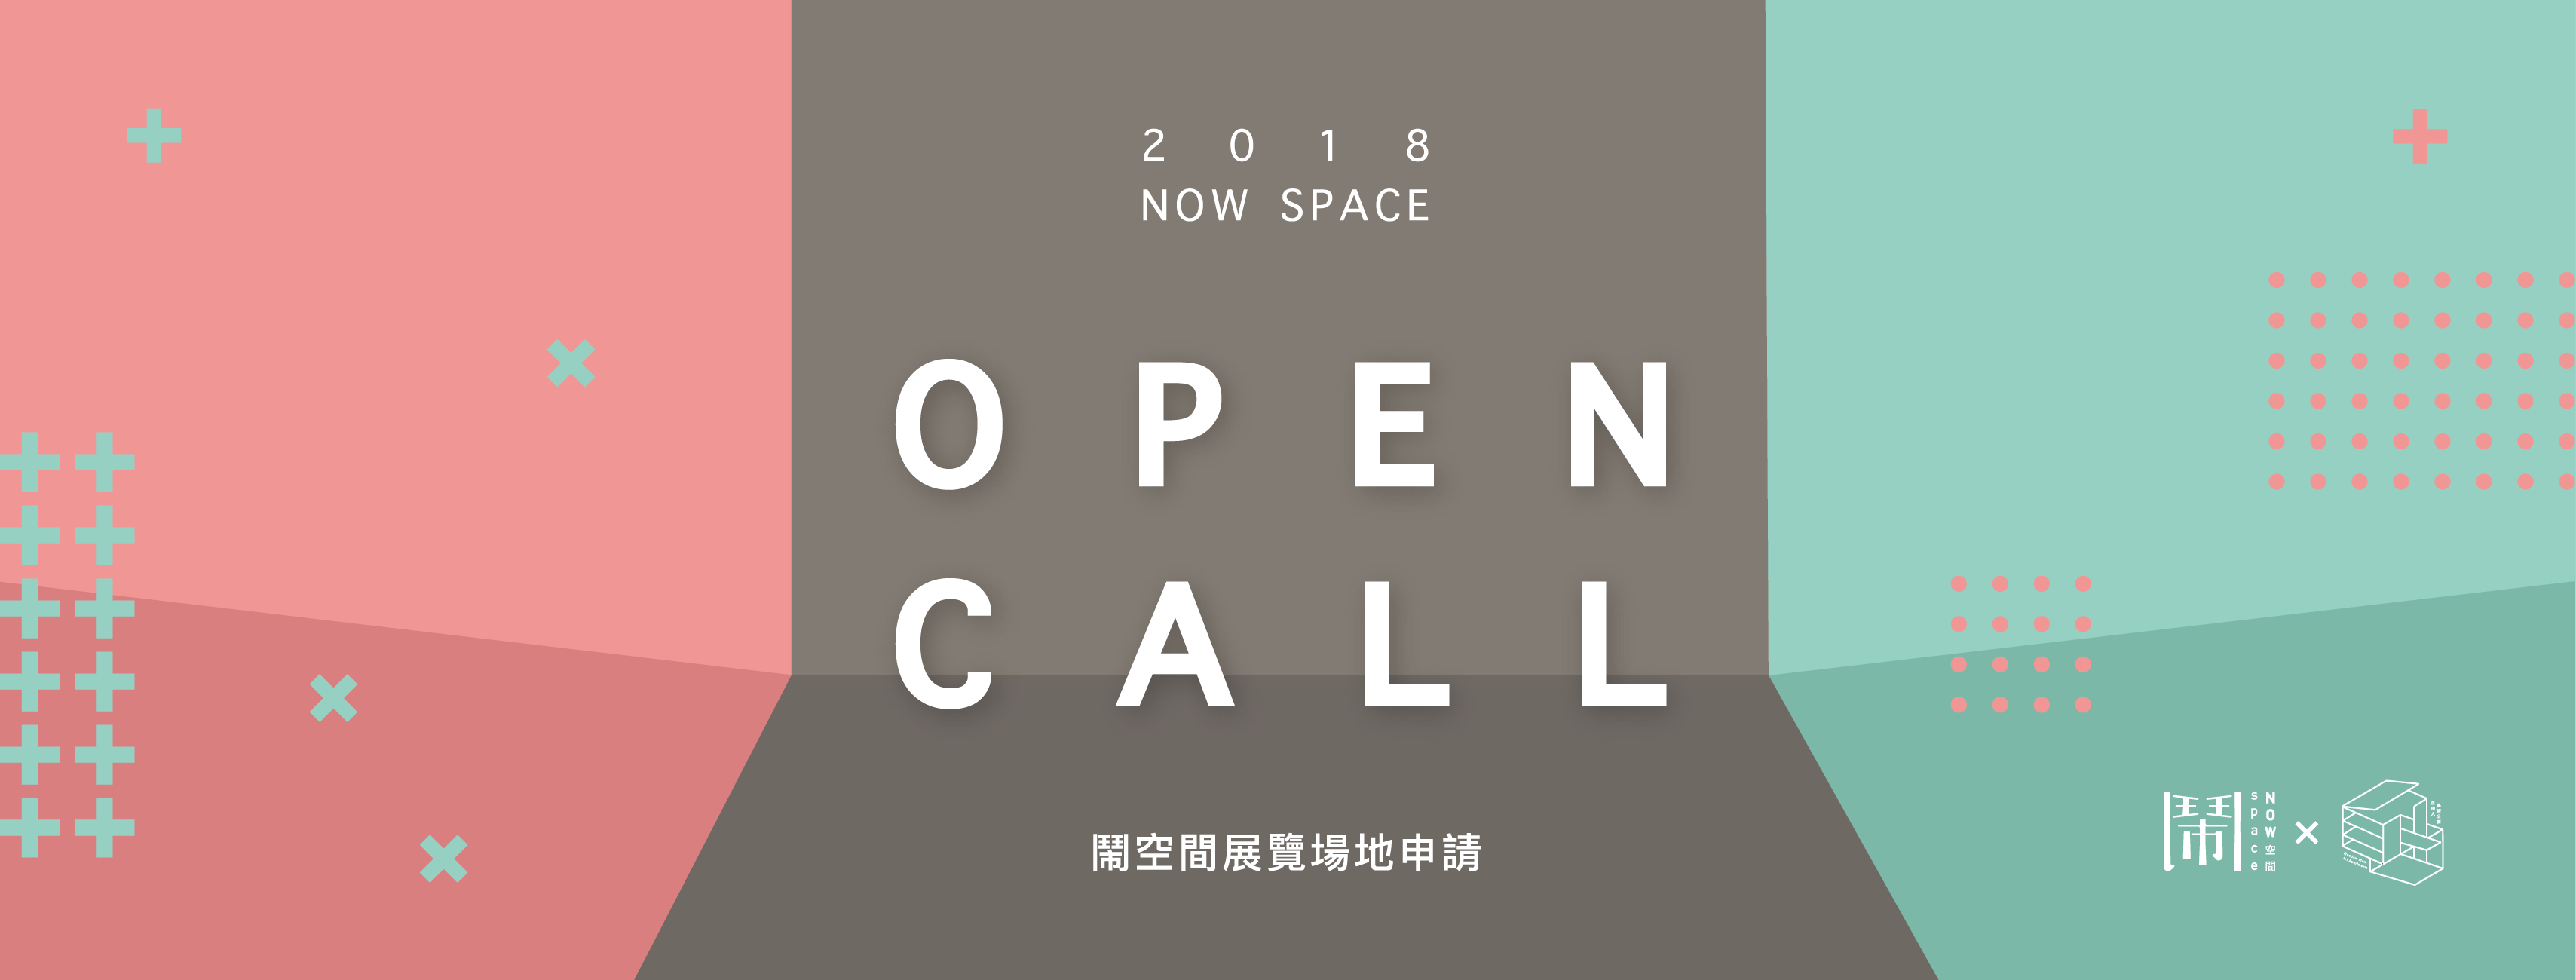 2018 鬧空間展覽開放申請 NOW SPACE OPEN CALL